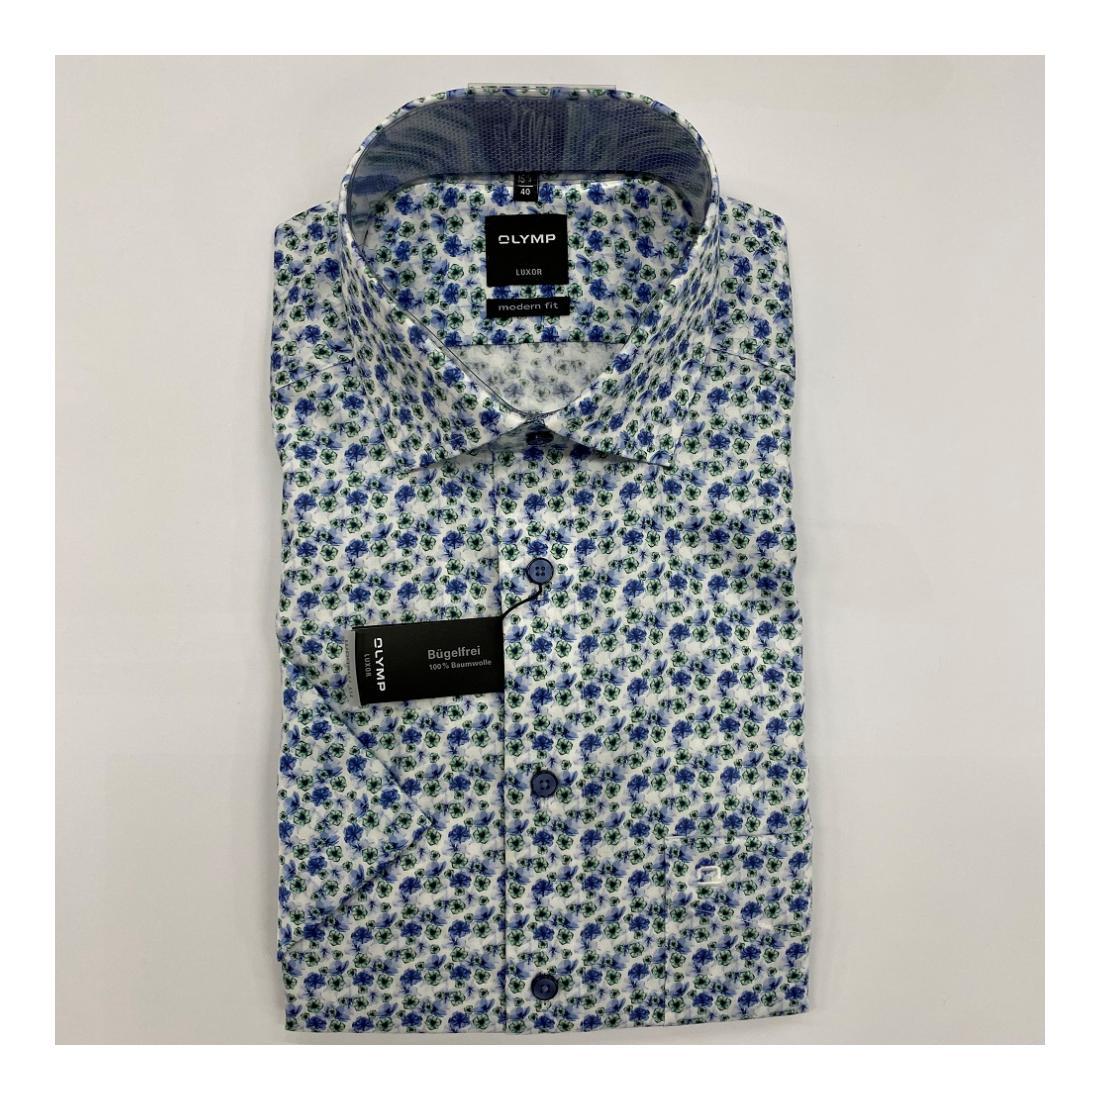 Olymp Casual Hemden Herren 1254/52 Hemden